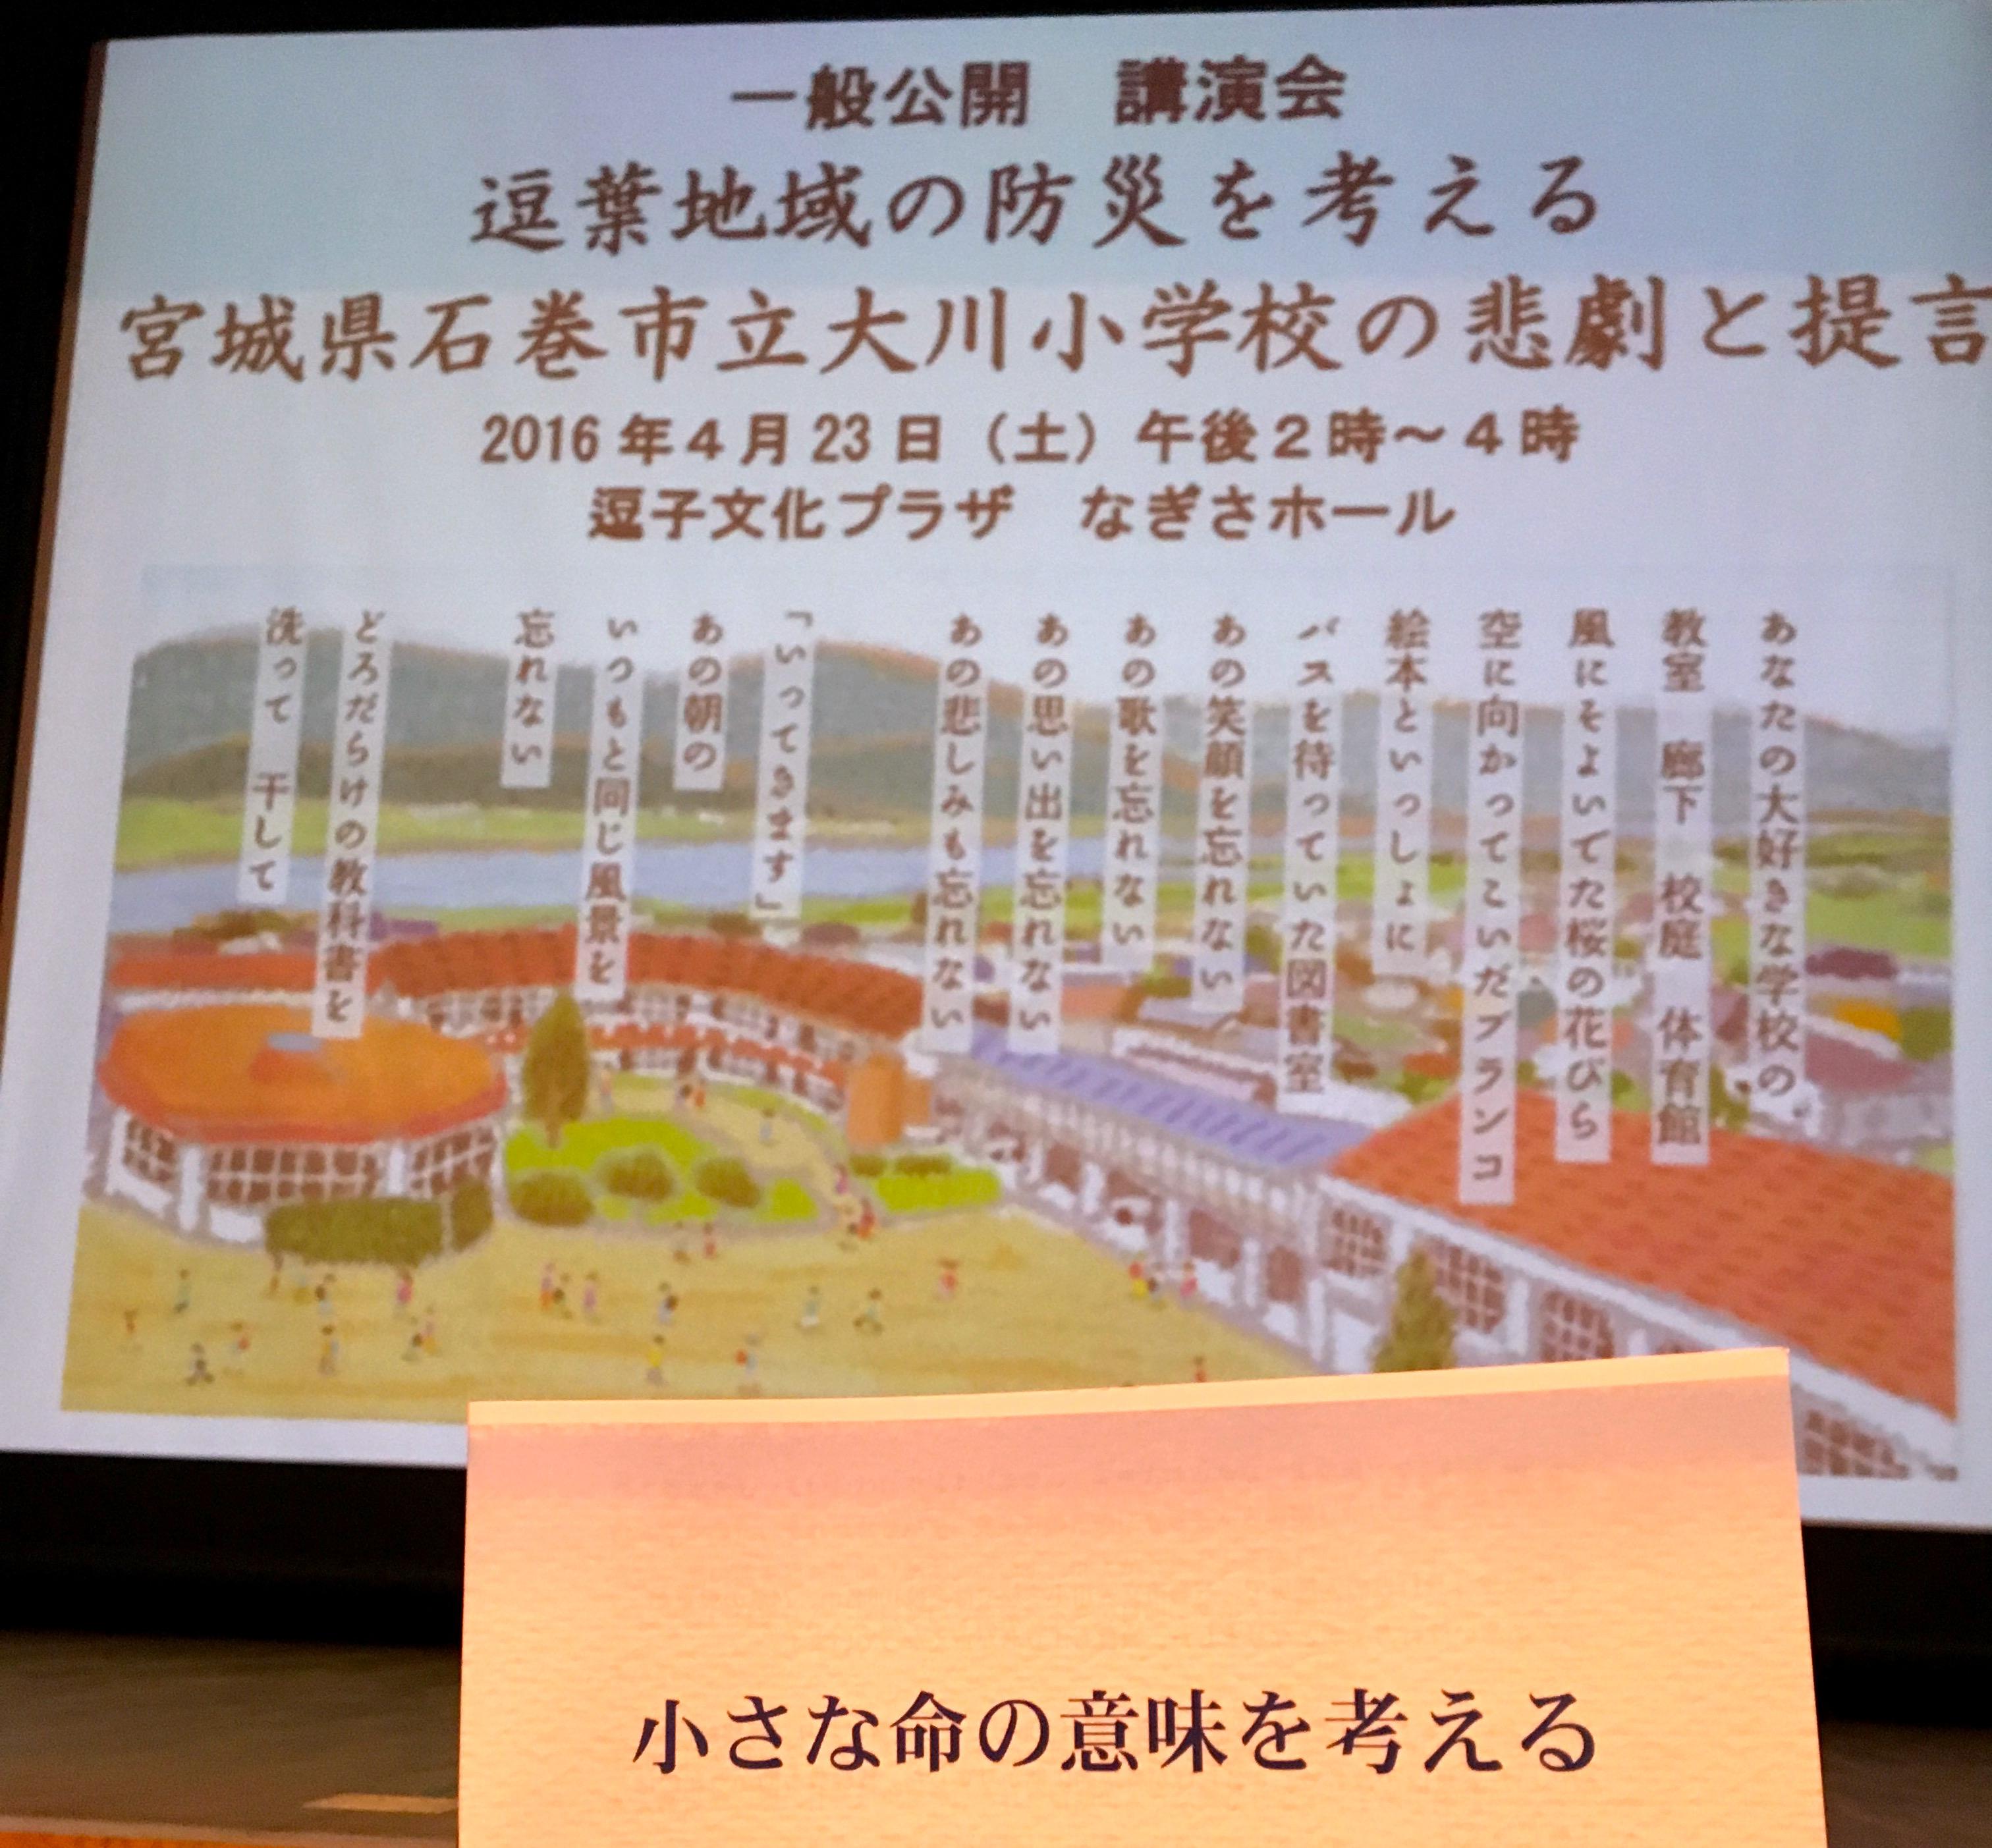 石巻市立大川小学校を「悲劇」で終わらせないように〜佐藤敏郎先生の講演会